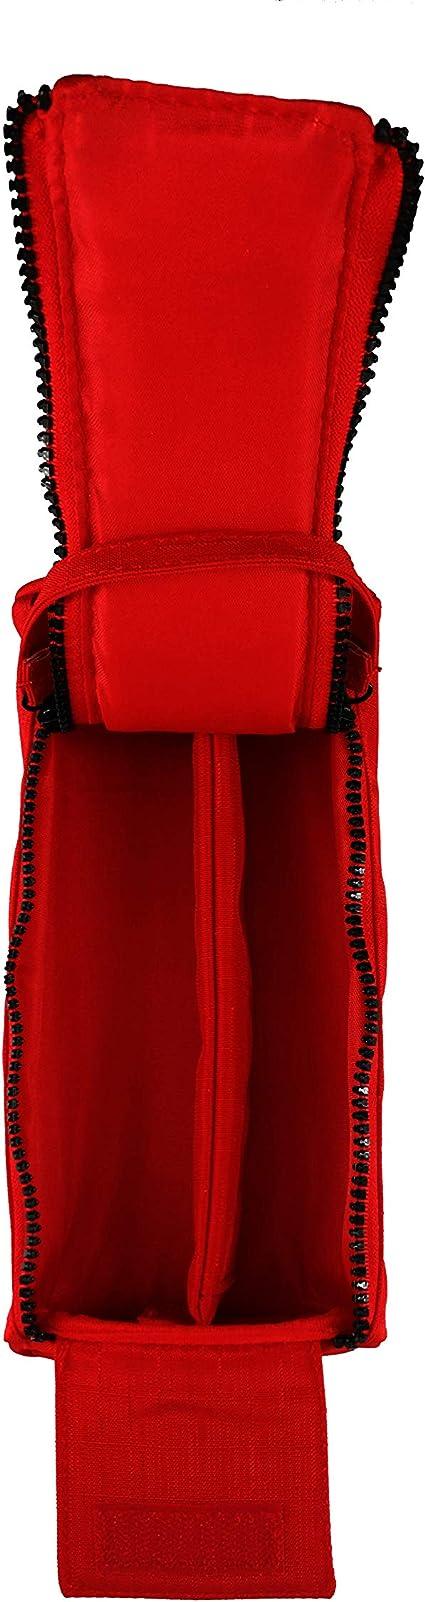 Estuche Escolar Rojo Sampack 2 Cremalleras 1 Comportamiento 1 Separador 11 x 6 x 23 cm: Amazon.es: Oficina y papelería